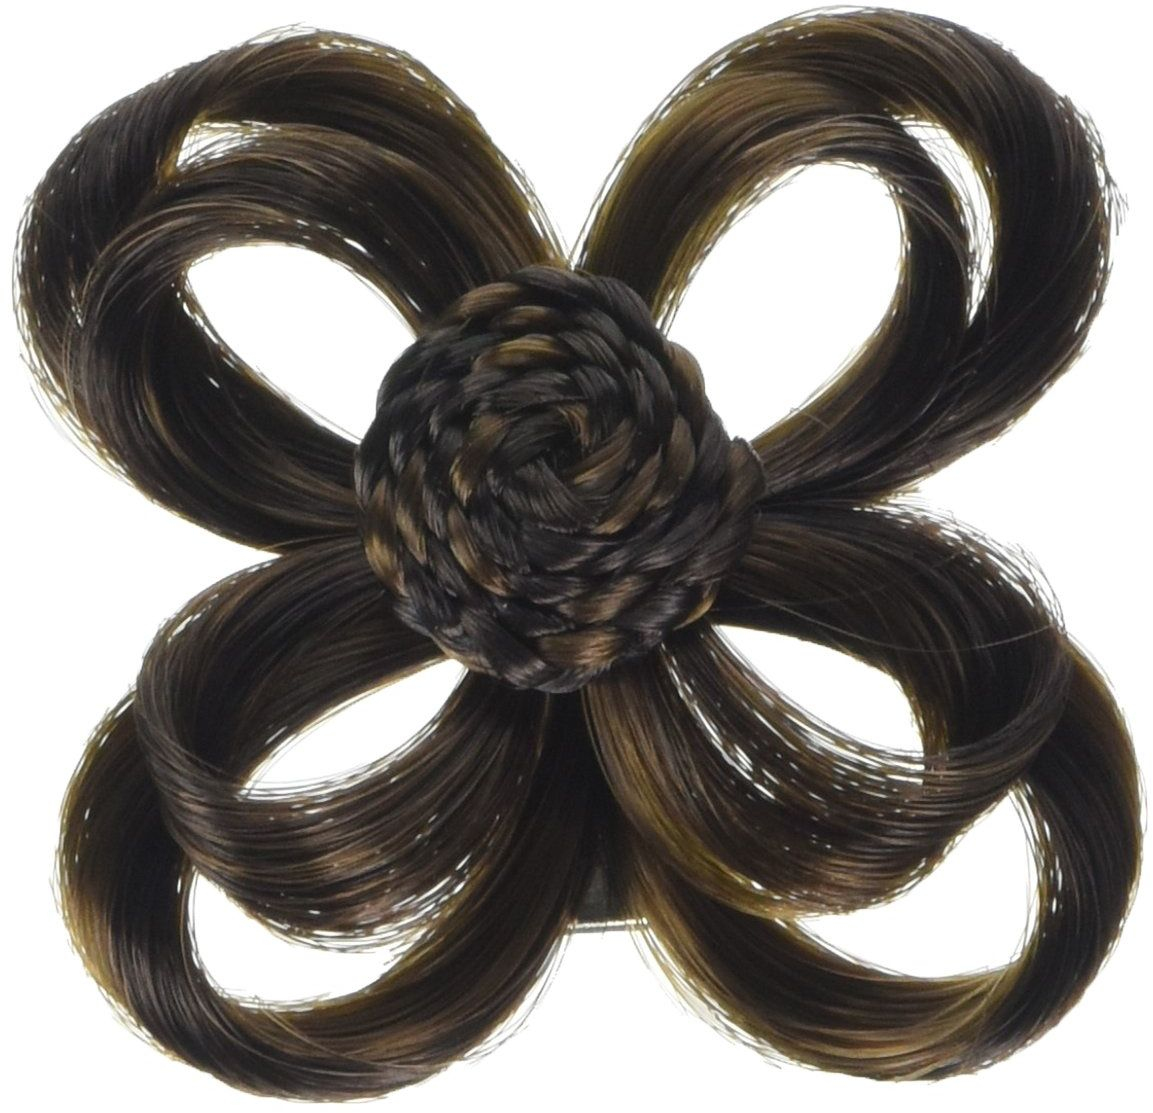 Love Hair Extensions Akcesoria do włosów z klipsem, kolor 2/4 mieszane ciemnobrązowe